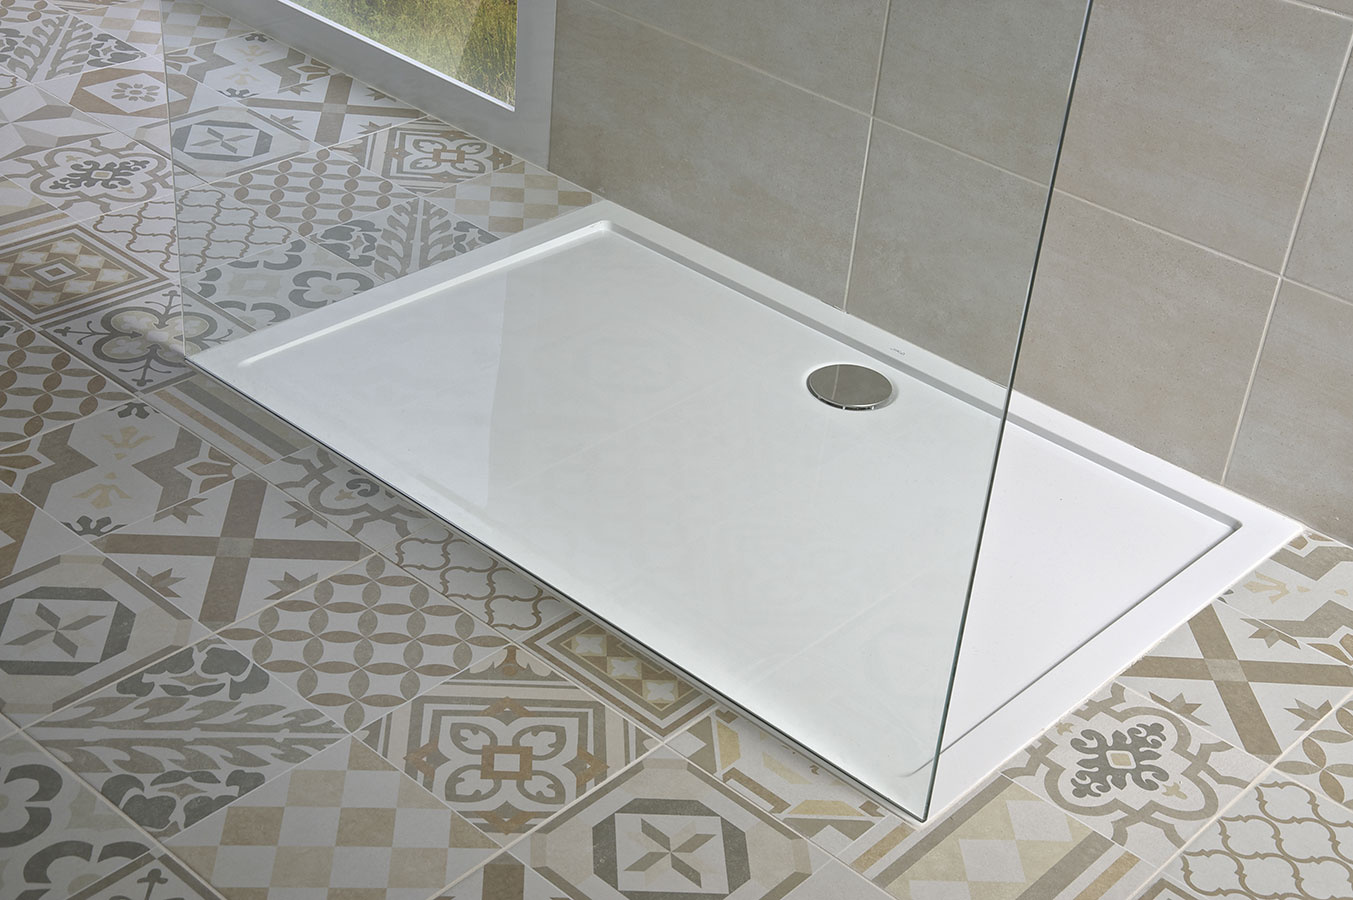 Nový nábytok JIKA Cubito-N prináša do kúpeľne cit pre detail